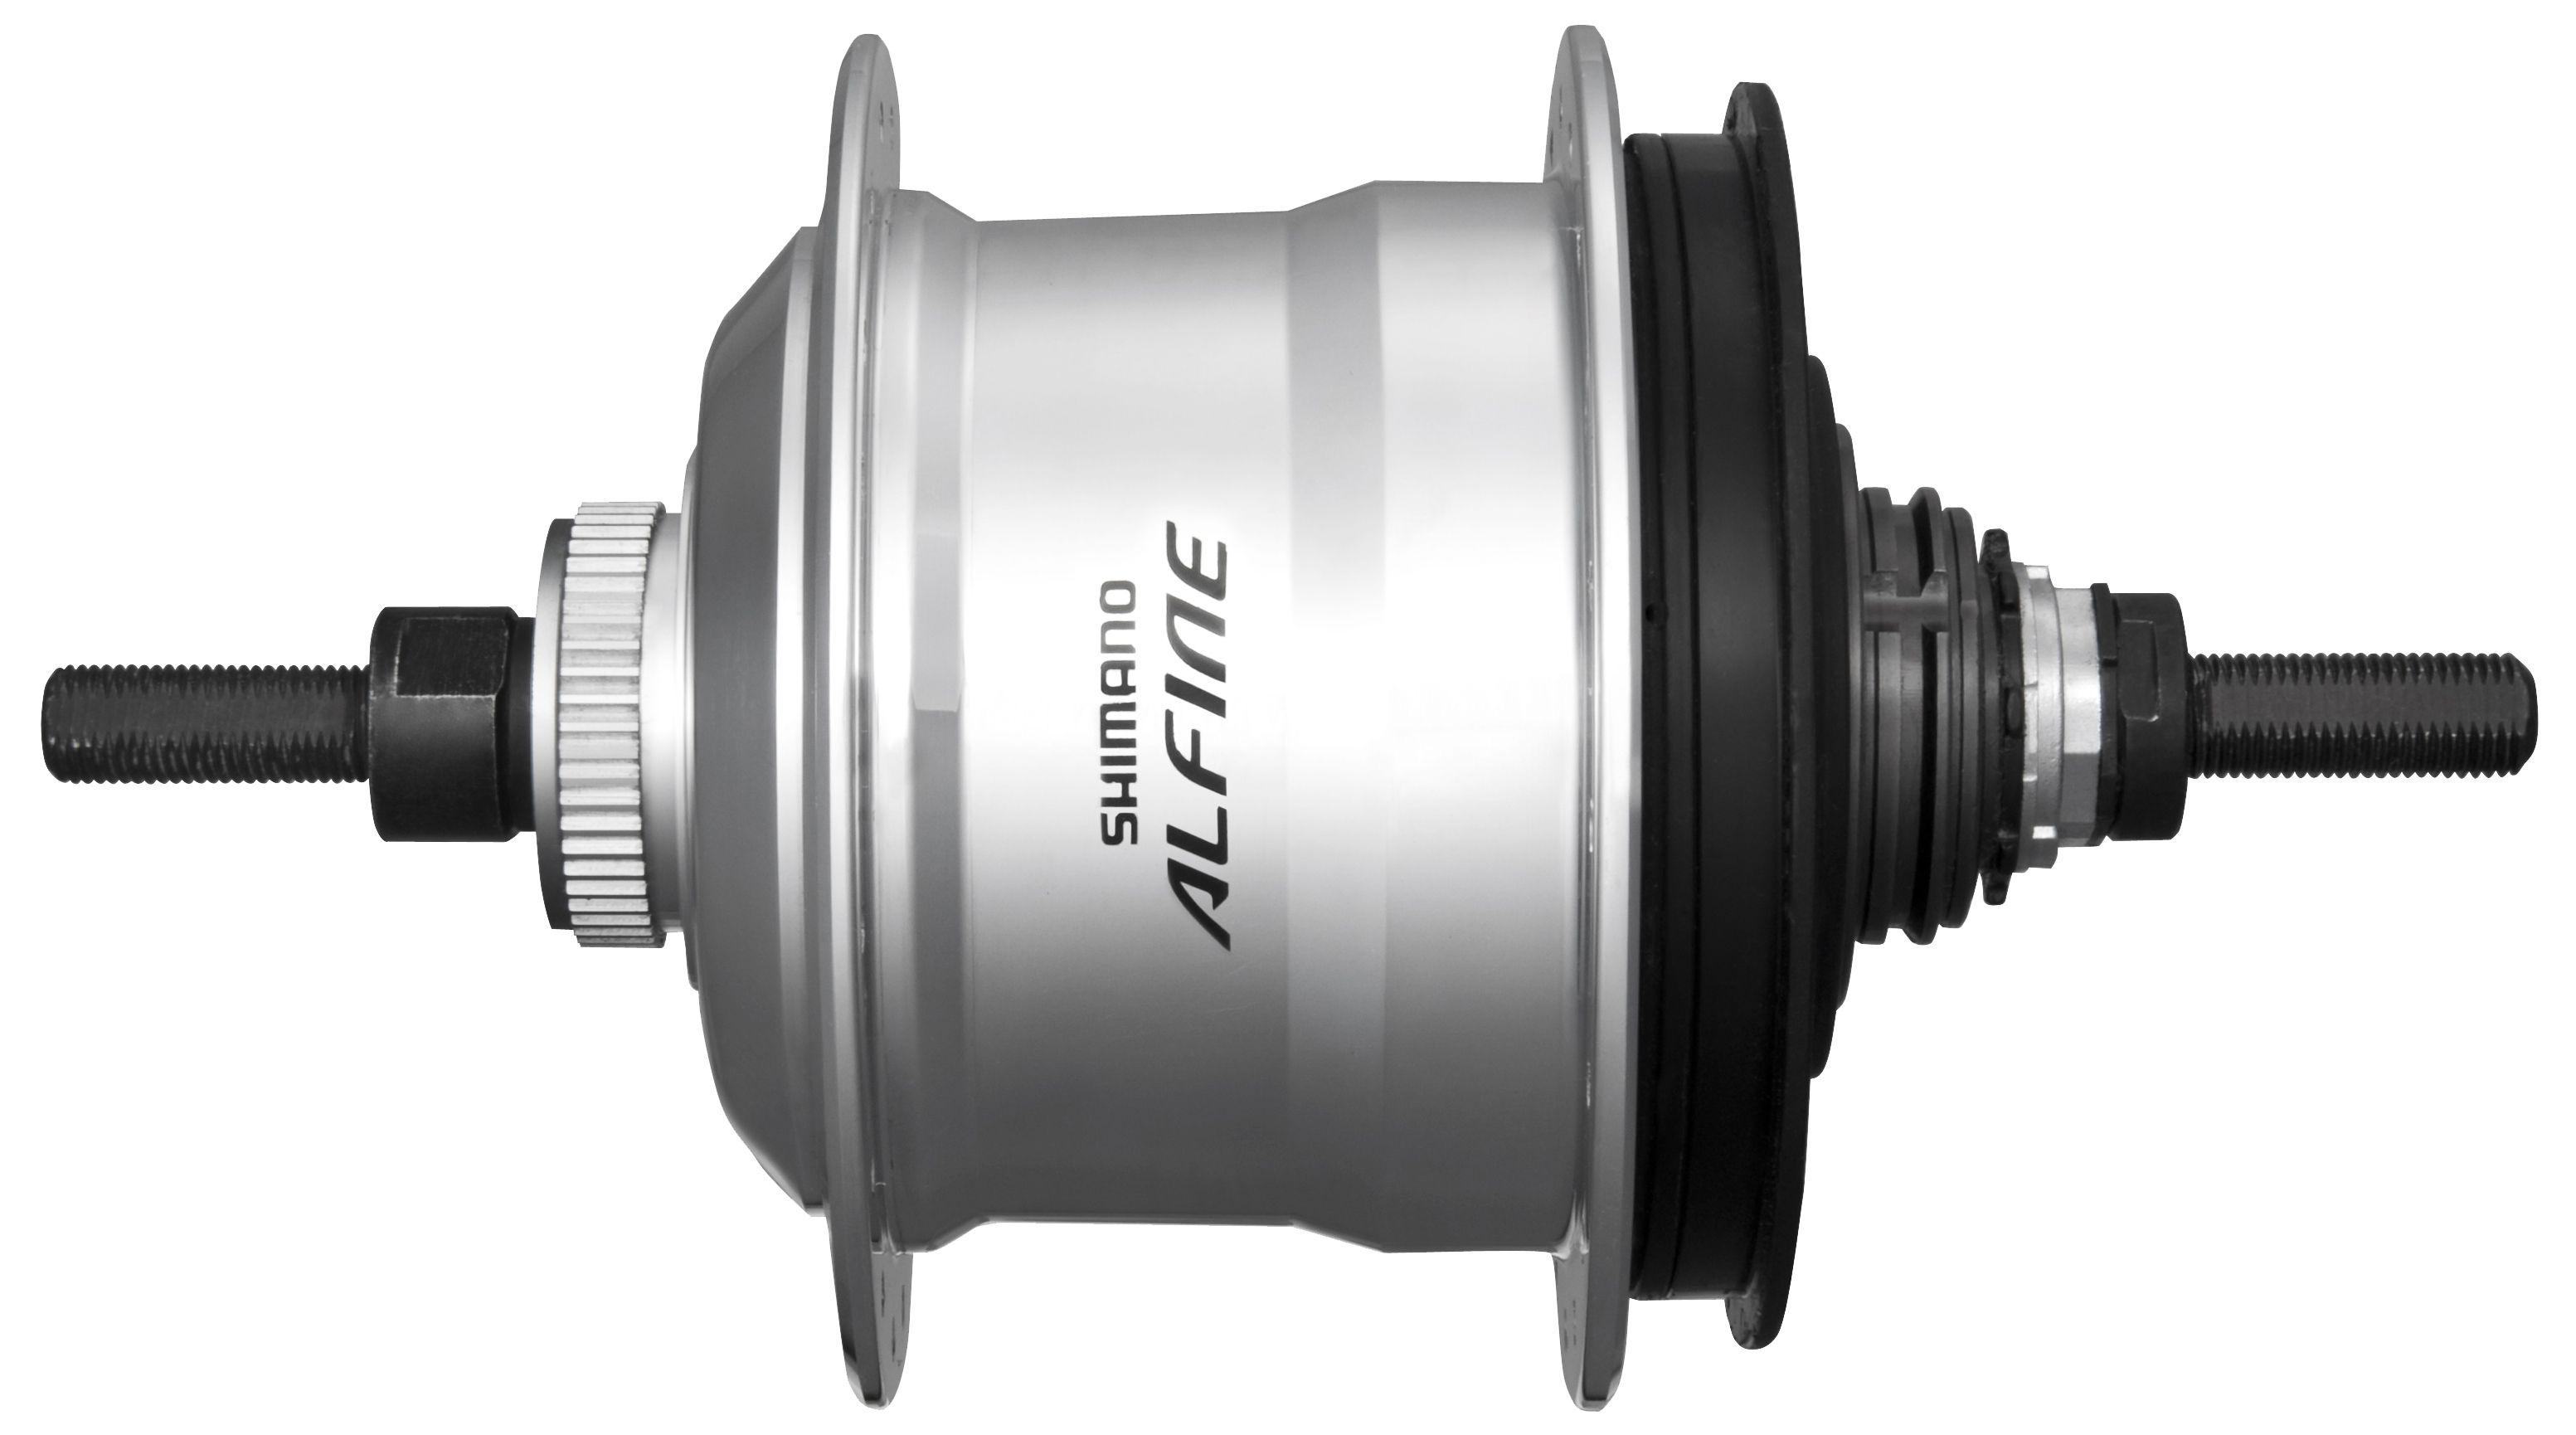 Товар Shimano Alfine S700 (ISGS700AS),  втулки  - артикул:286432